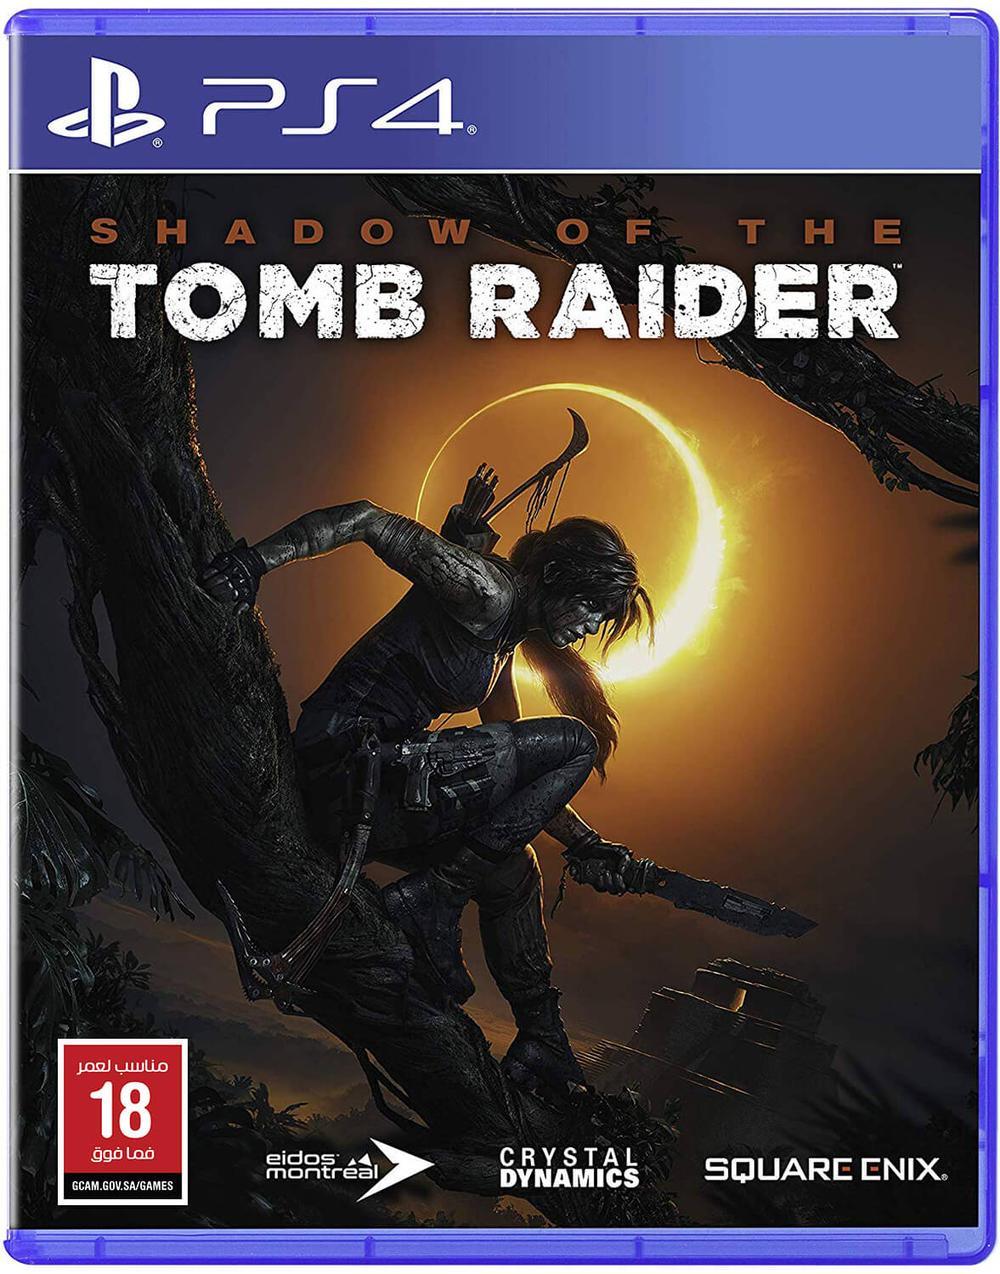 https://m2.mestores.com/pub/media/catalog/product/s/a/sahdow_of_tomb_raider.jpg